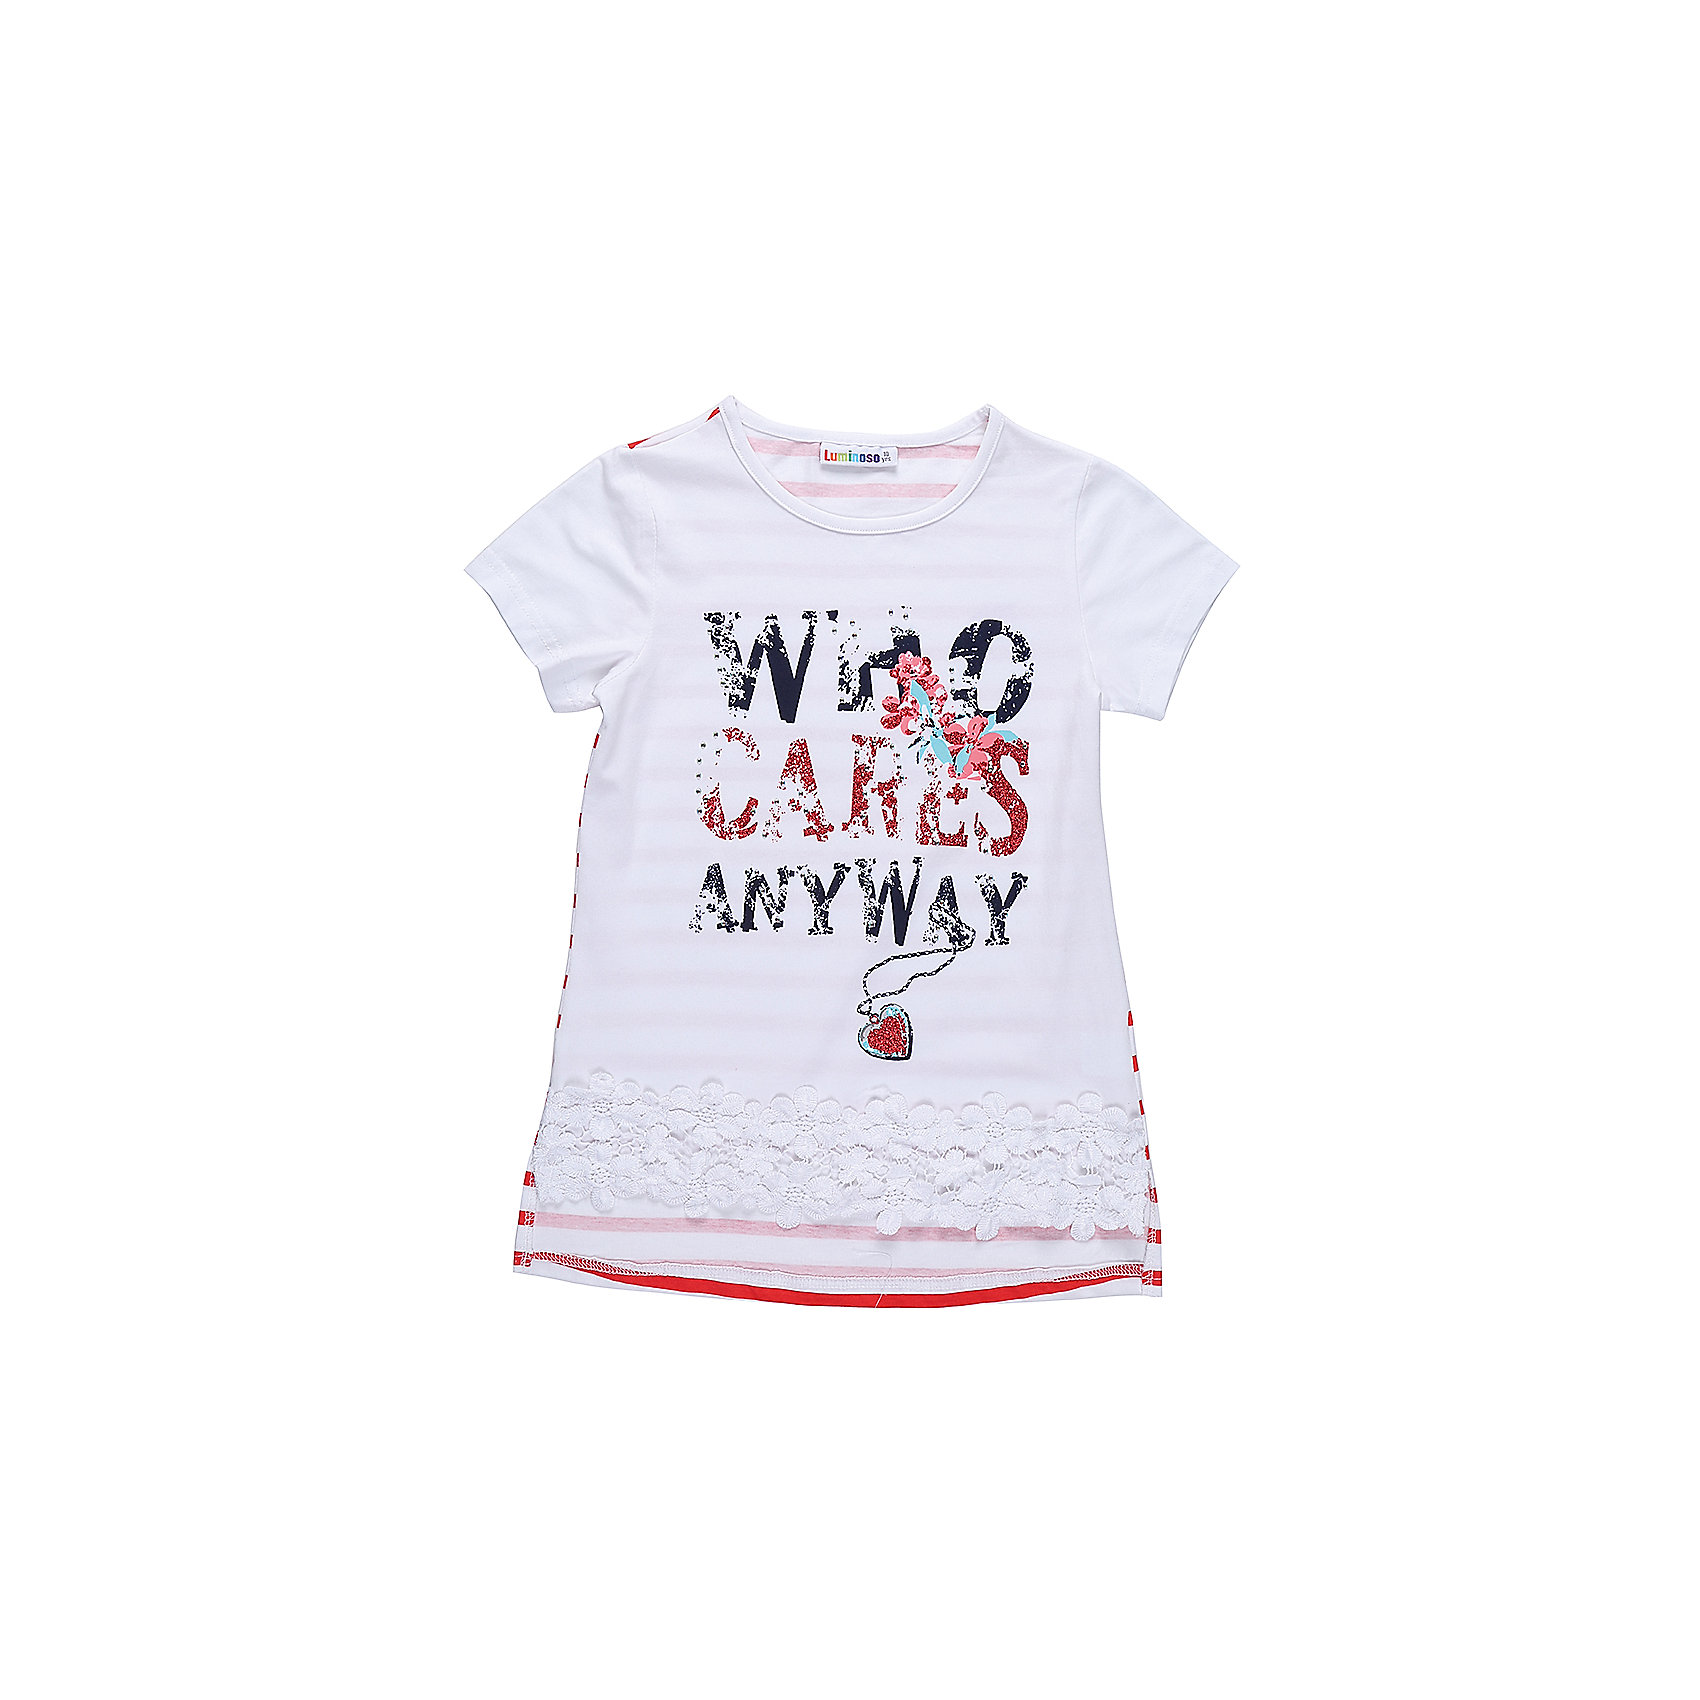 Футболка для девочки LuminosoСтильная футболка из трикотажной ткани для девочки с коротким рукавом и удлиненной спинкой. Декорирована яркой аппликацией, стразами и плетенным кружевом по низу изделия.<br>Состав:<br>95%хлопок 5%эластан<br><br>Ширина мм: 199<br>Глубина мм: 10<br>Высота мм: 161<br>Вес г: 151<br>Цвет: белый<br>Возраст от месяцев: 96<br>Возраст до месяцев: 108<br>Пол: Женский<br>Возраст: Детский<br>Размер: 134,140,146,152,158,164<br>SKU: 5413410